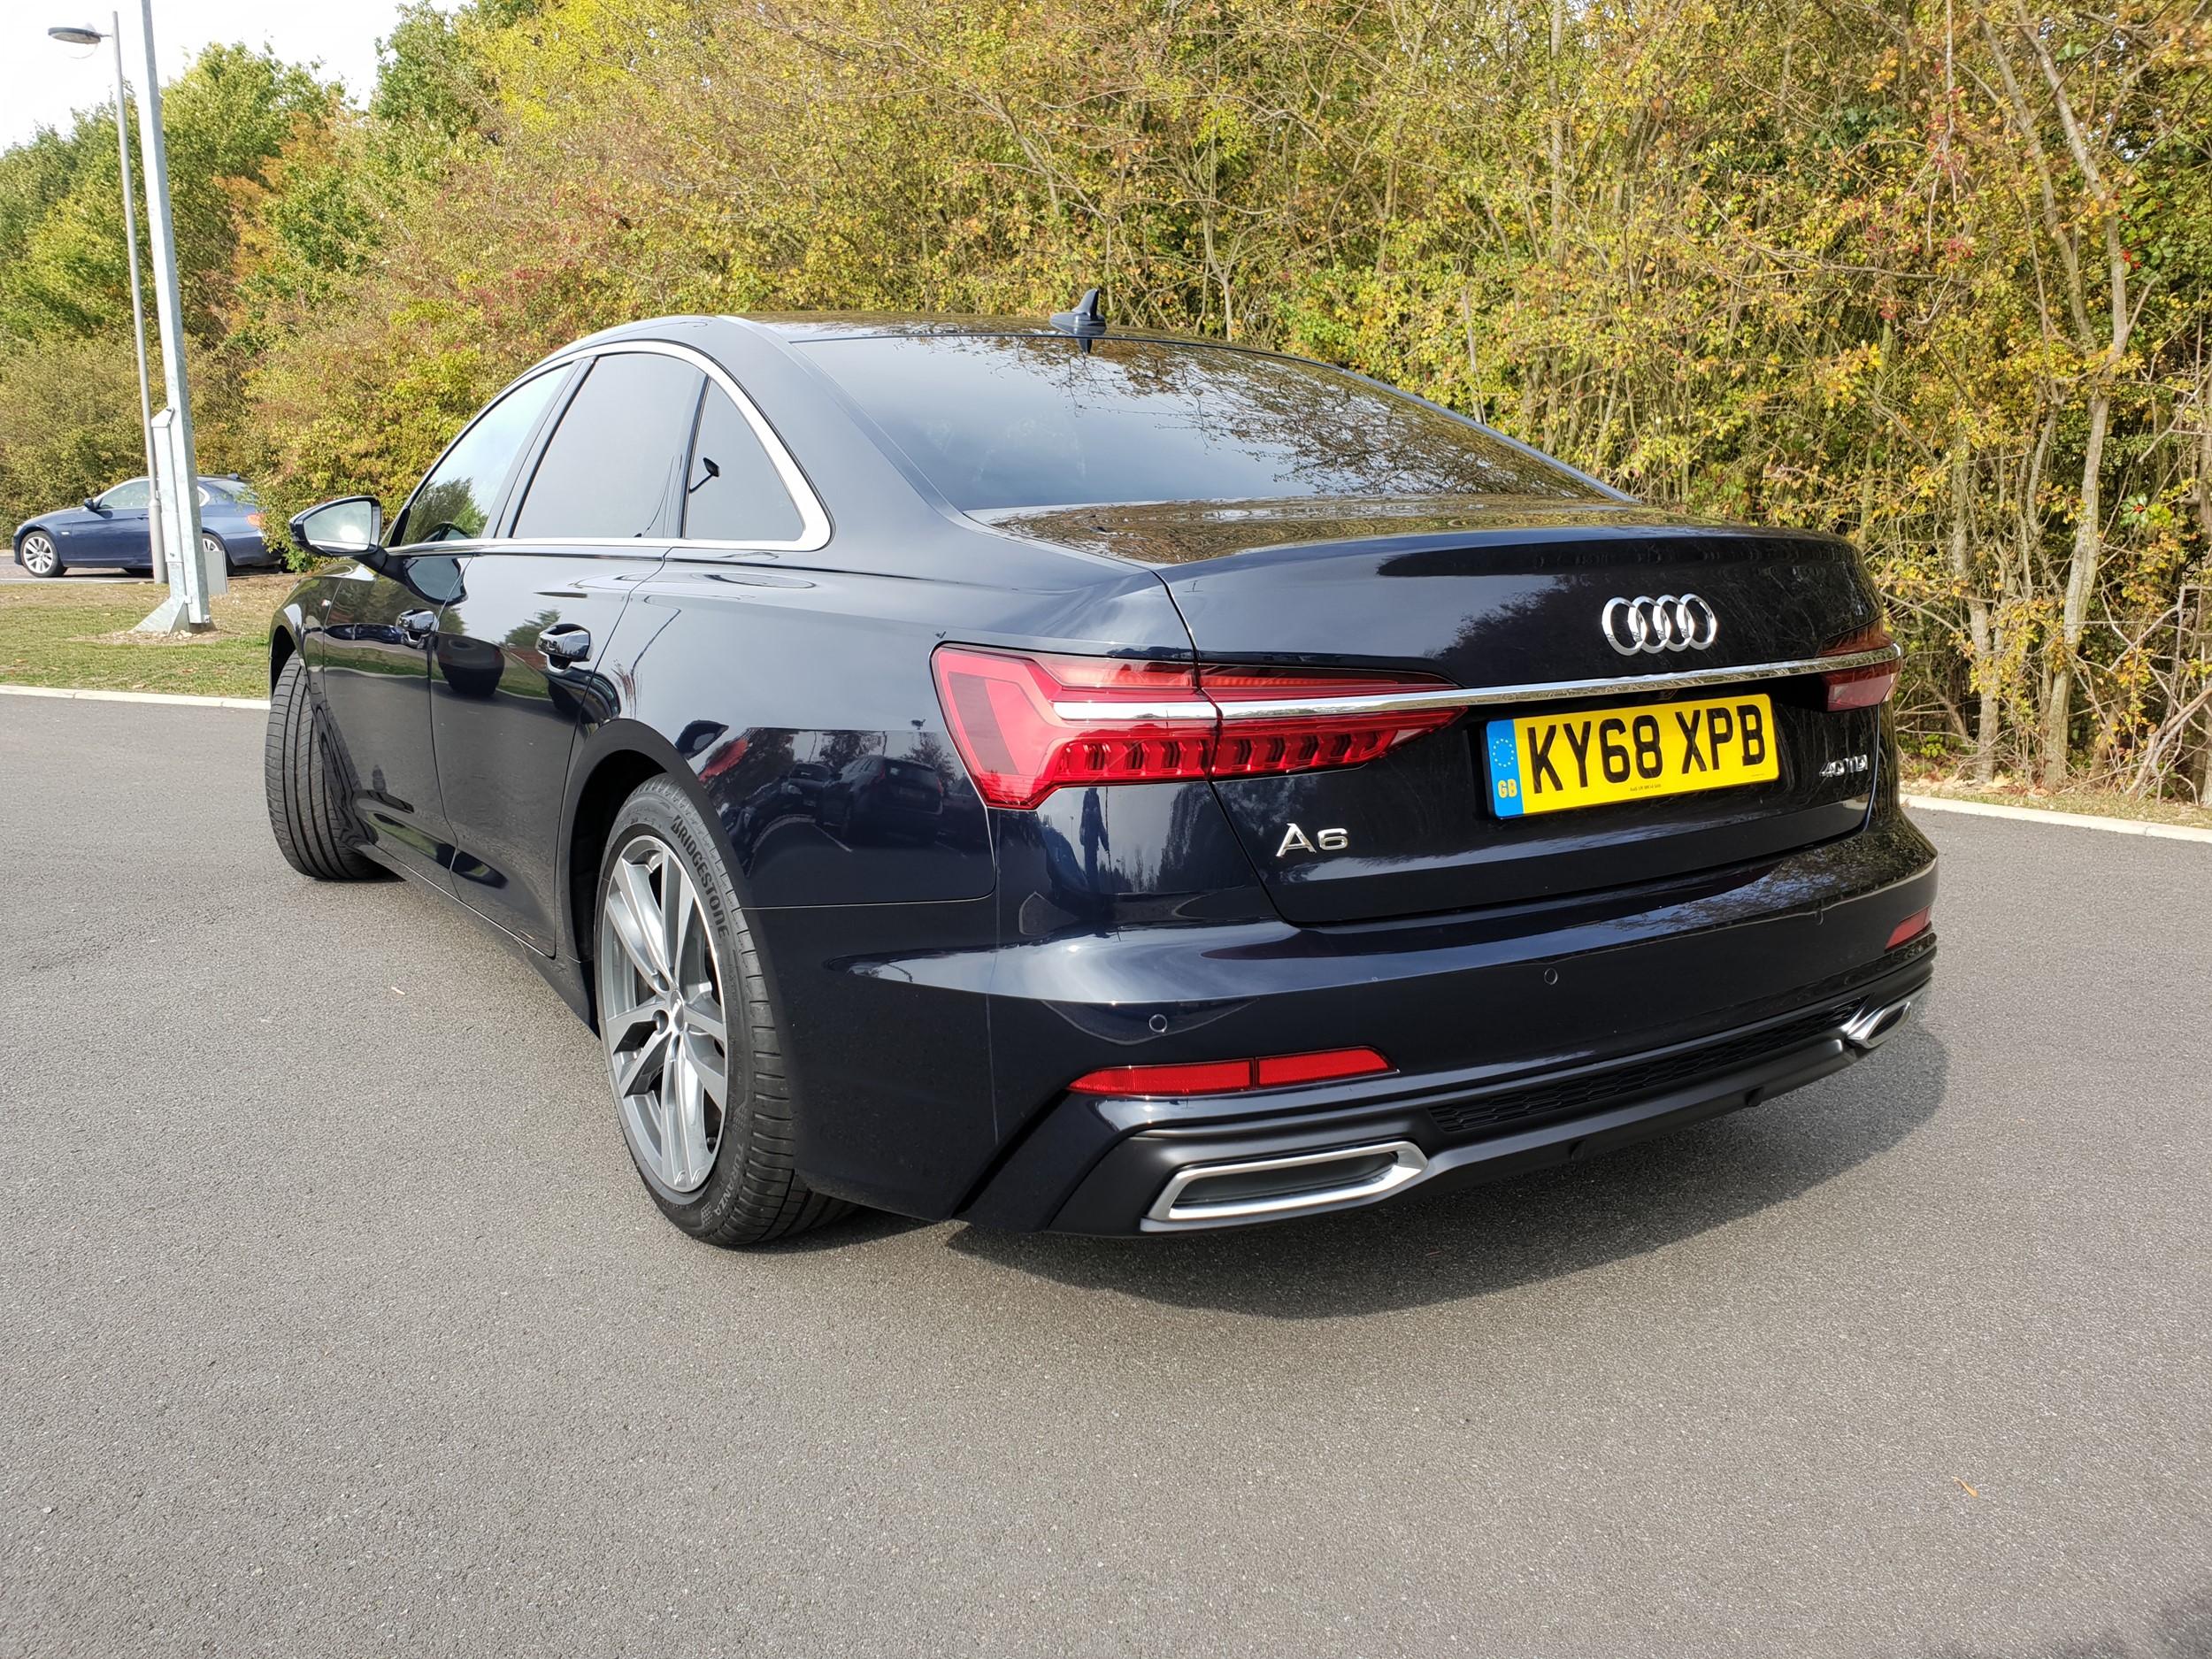 Kekurangan Audi A6 Diesel Murah Berkualitas